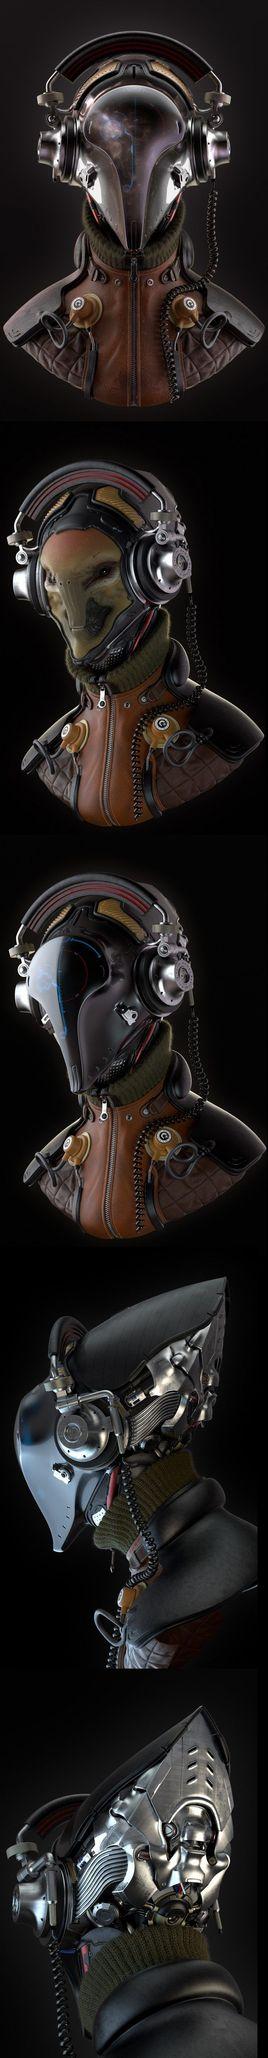 Intergalactic Music Pilot FS By Oleg Memukhin